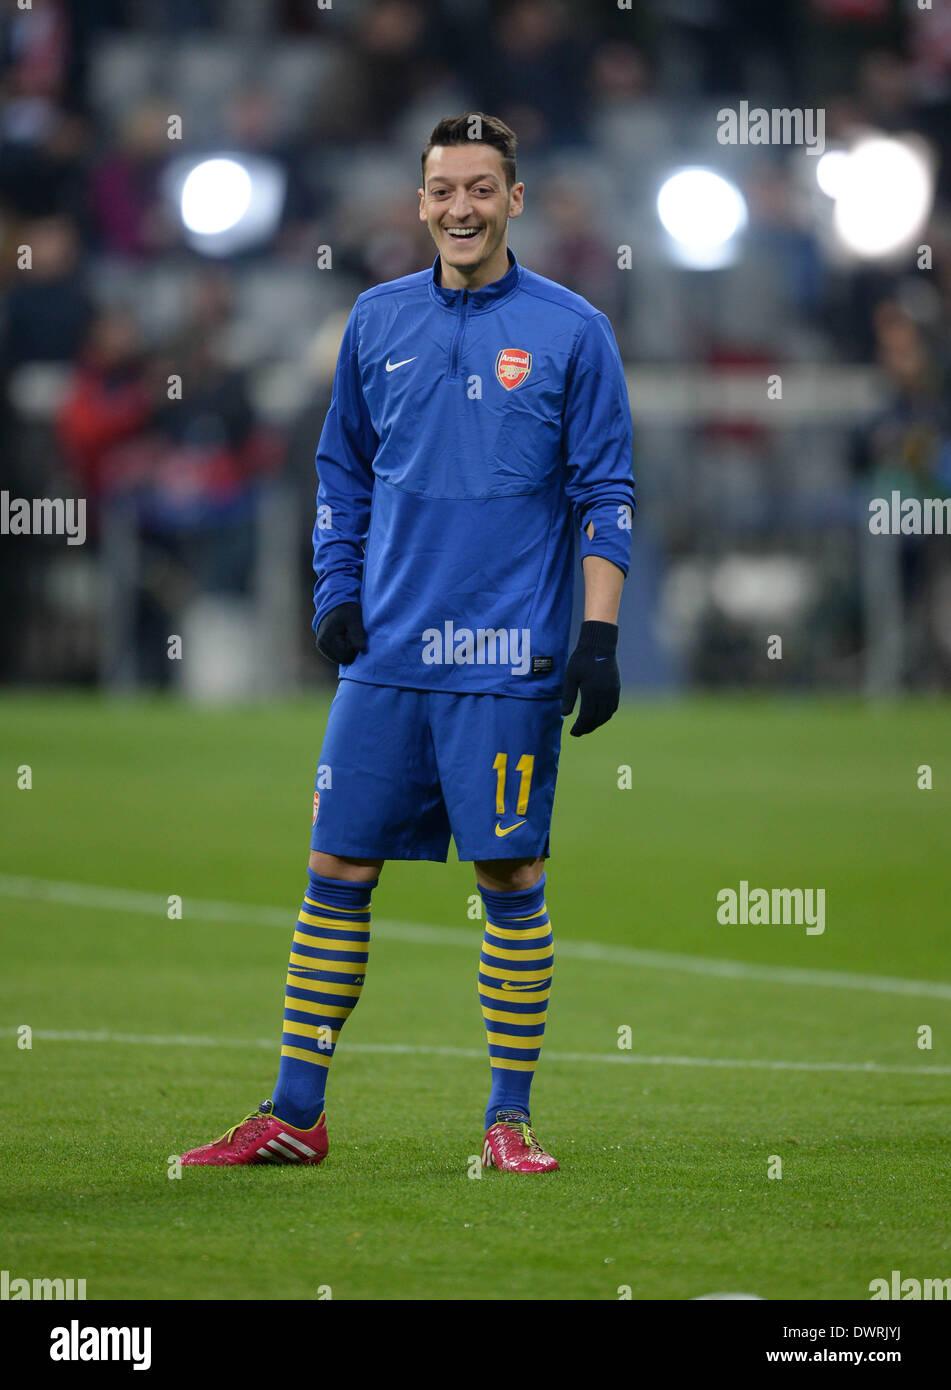 Monaco di Baviera, Germania. Undicesimo Mar, 2014. Champions League, la seconda gamba. Il Bayern Monaco 1 v 1 Arsenal Mesit Ozil. © csm/Alamy Live News Immagini Stock